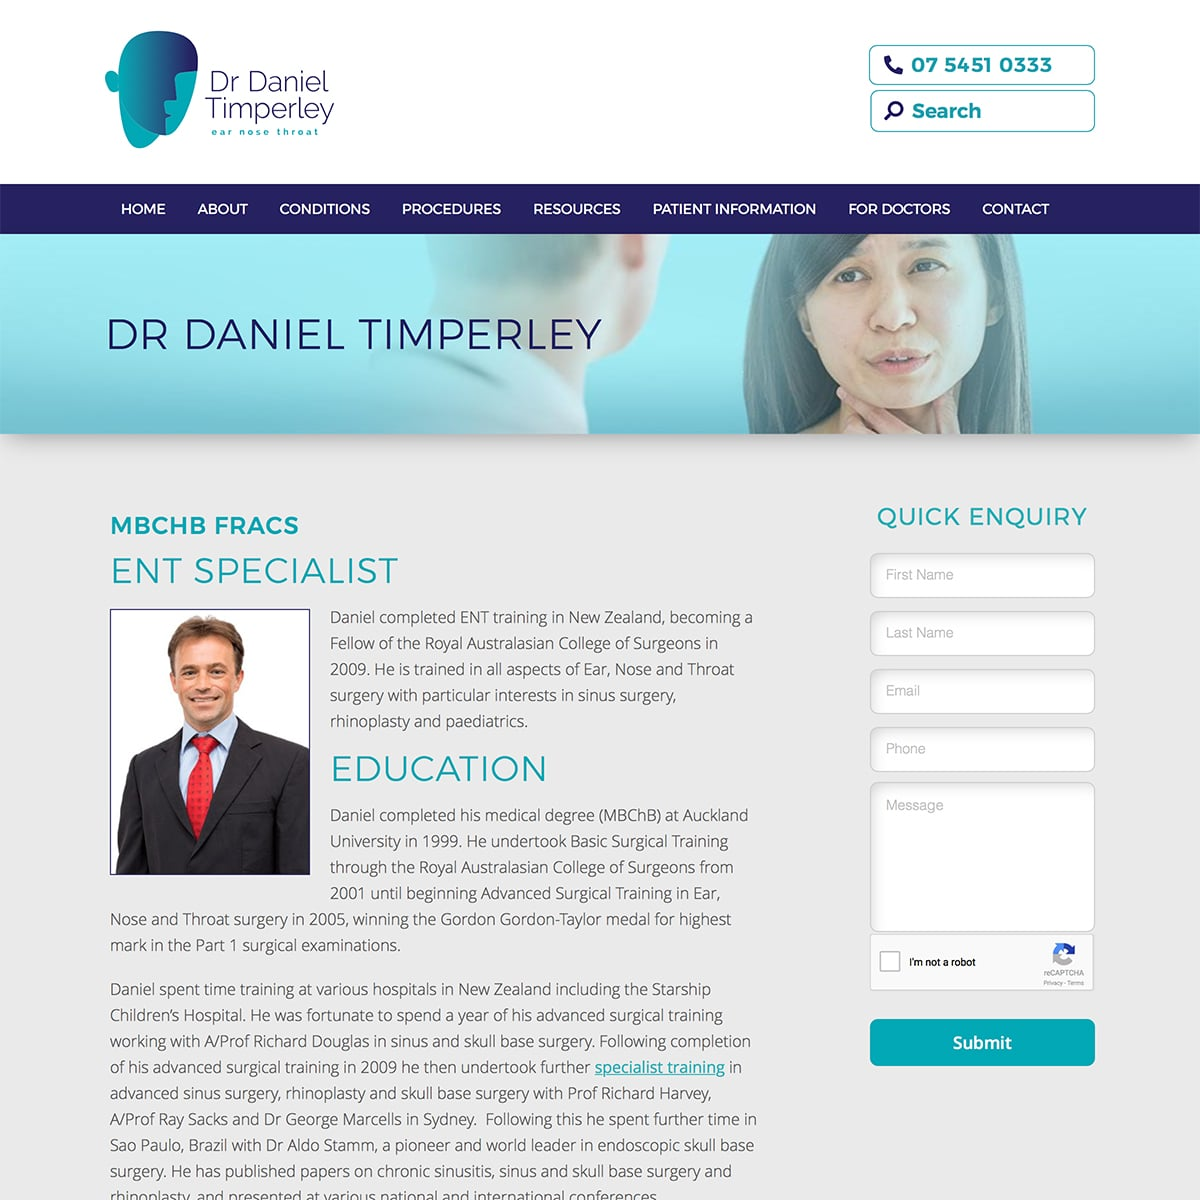 Dr Daniel Timperley - Bio